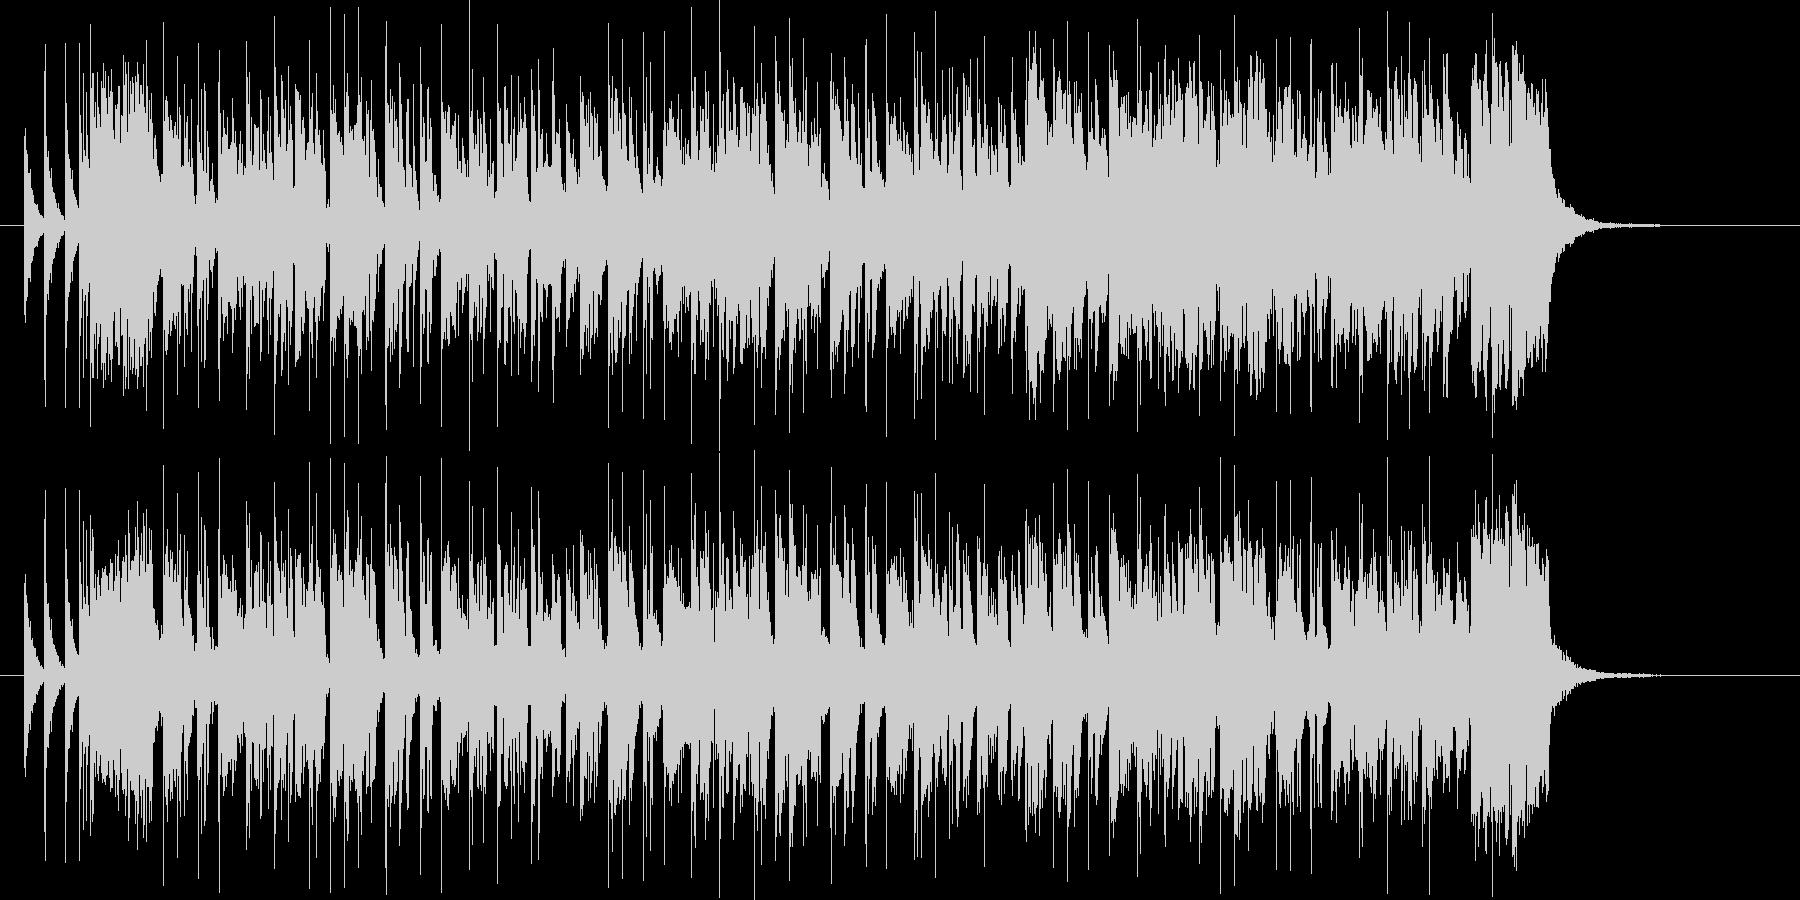 ドラムが軽快なシンセサイザーミュージックの未再生の波形